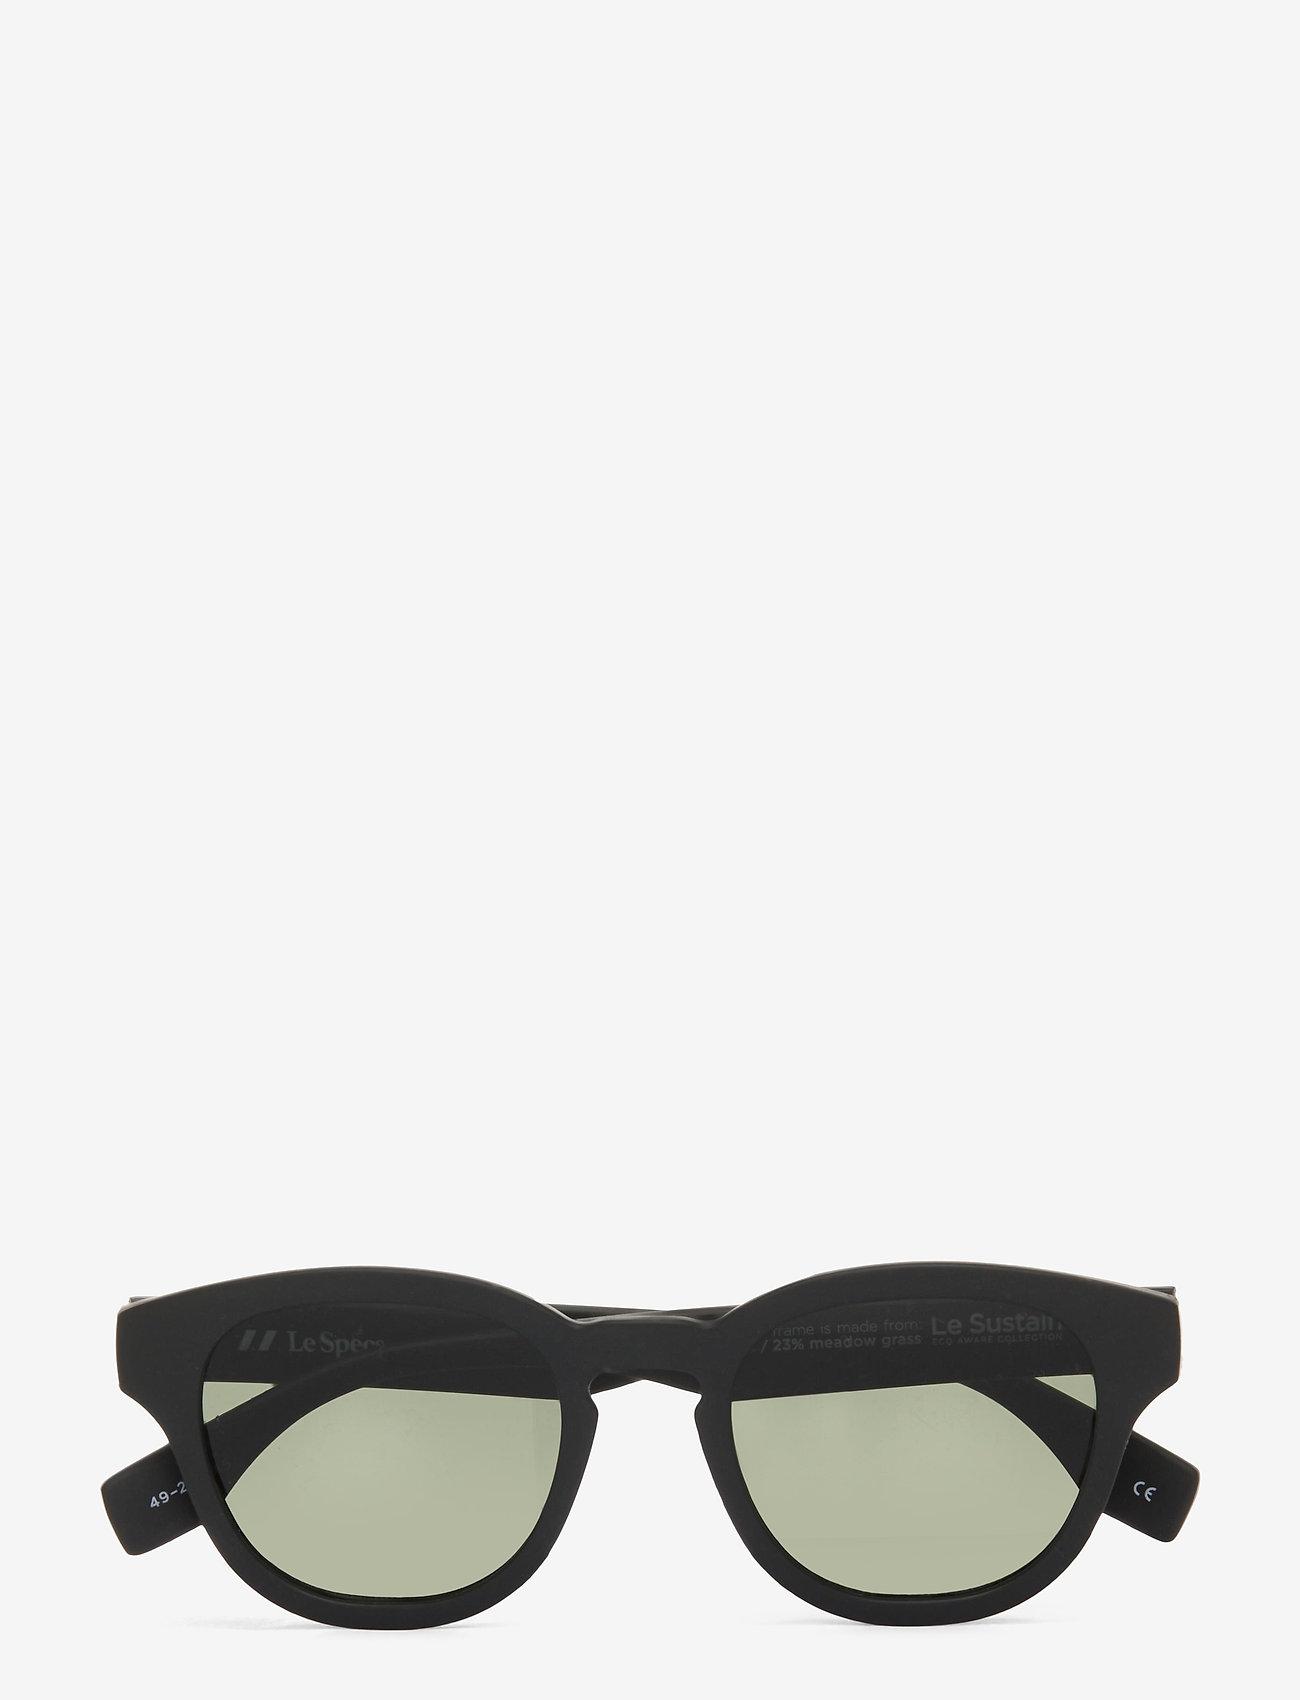 Le Specs - LE SUSTAIN - GRASS BAND - ronde zonnebril - black grass w/ khaki mono lens - 0